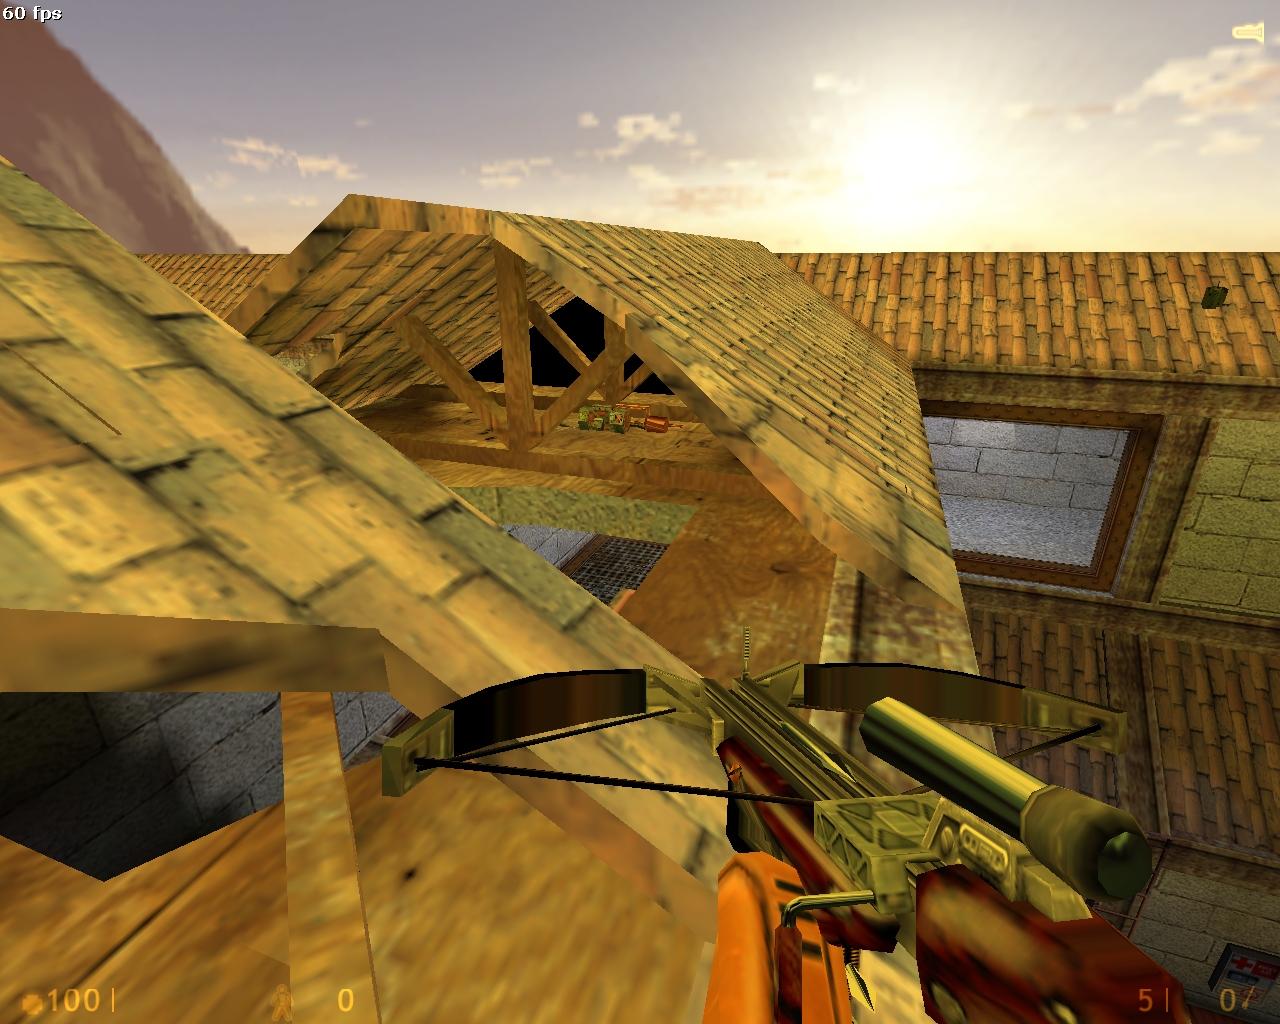 seafort0005.jpg - Half-Life